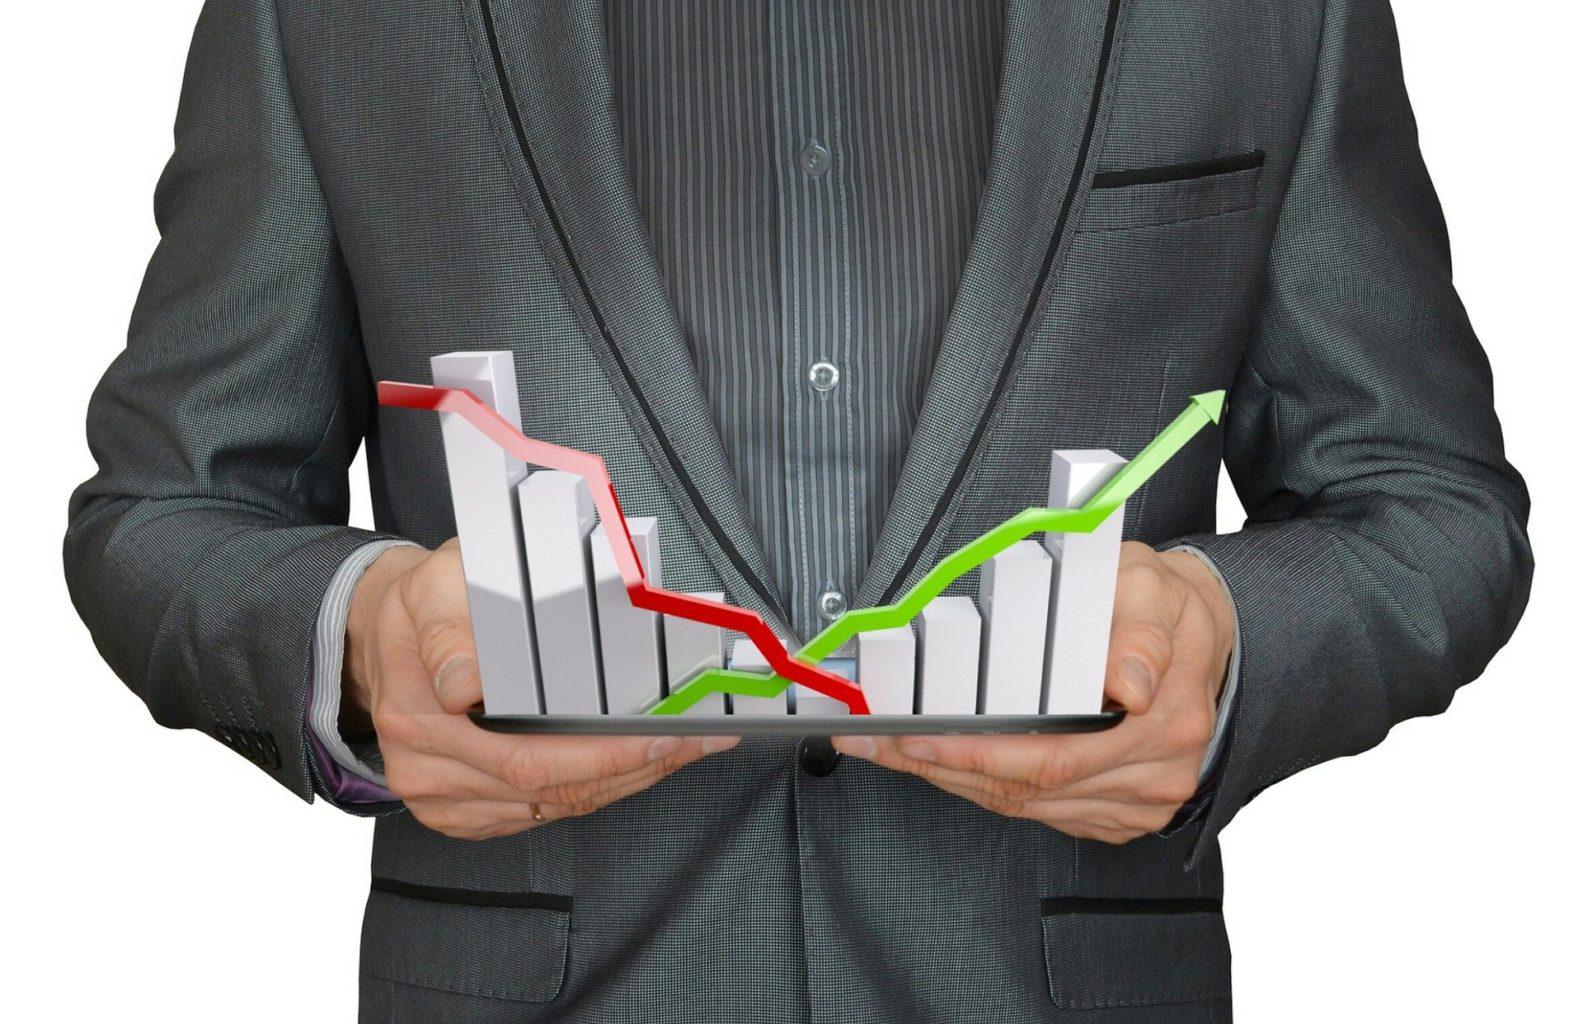 ЕНПФ стремительно теряет активы?